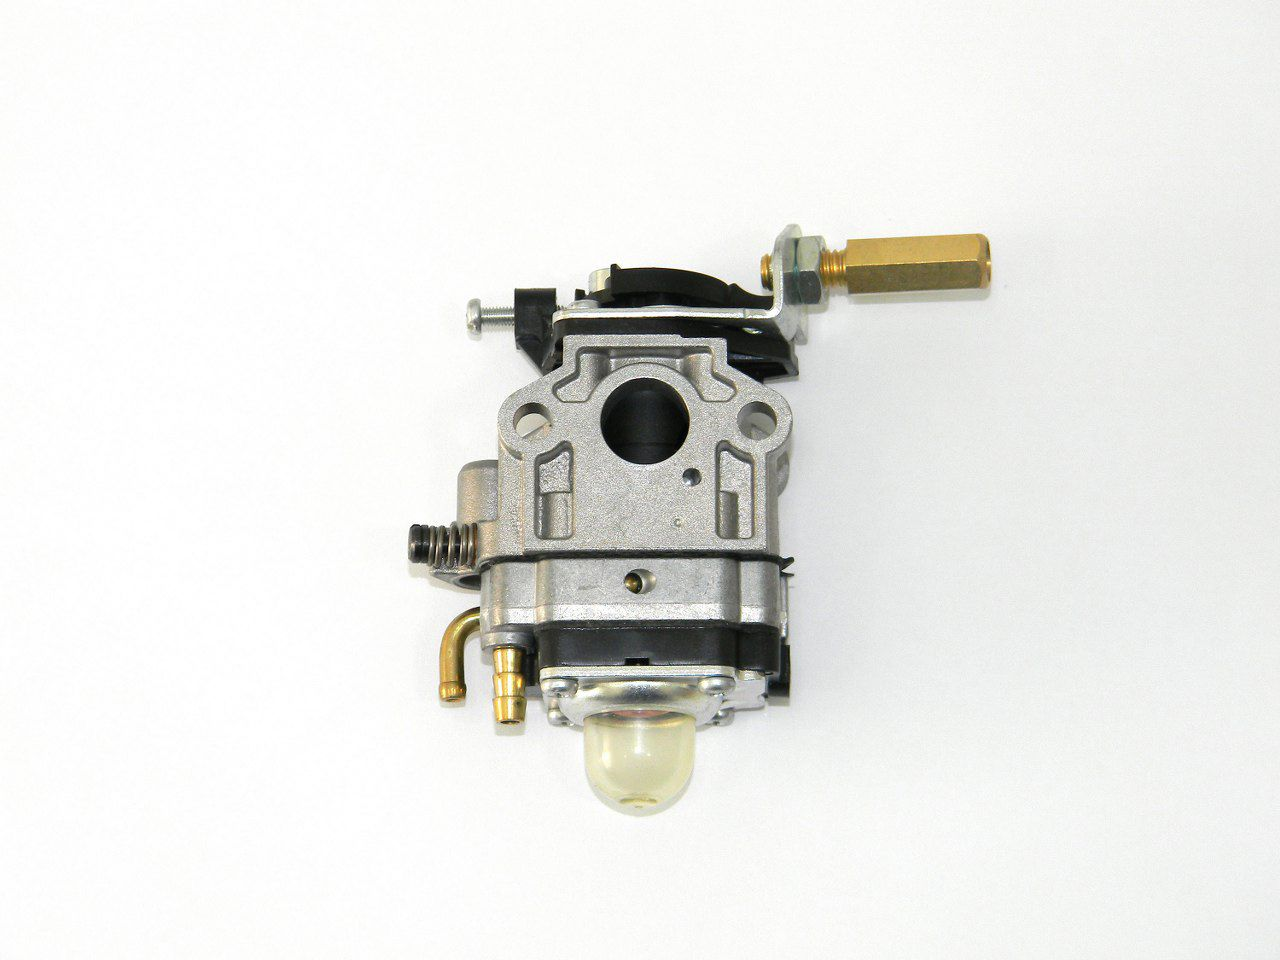 Carburador para Roçadeira Lateral à Gasolina 236R Husqvarna